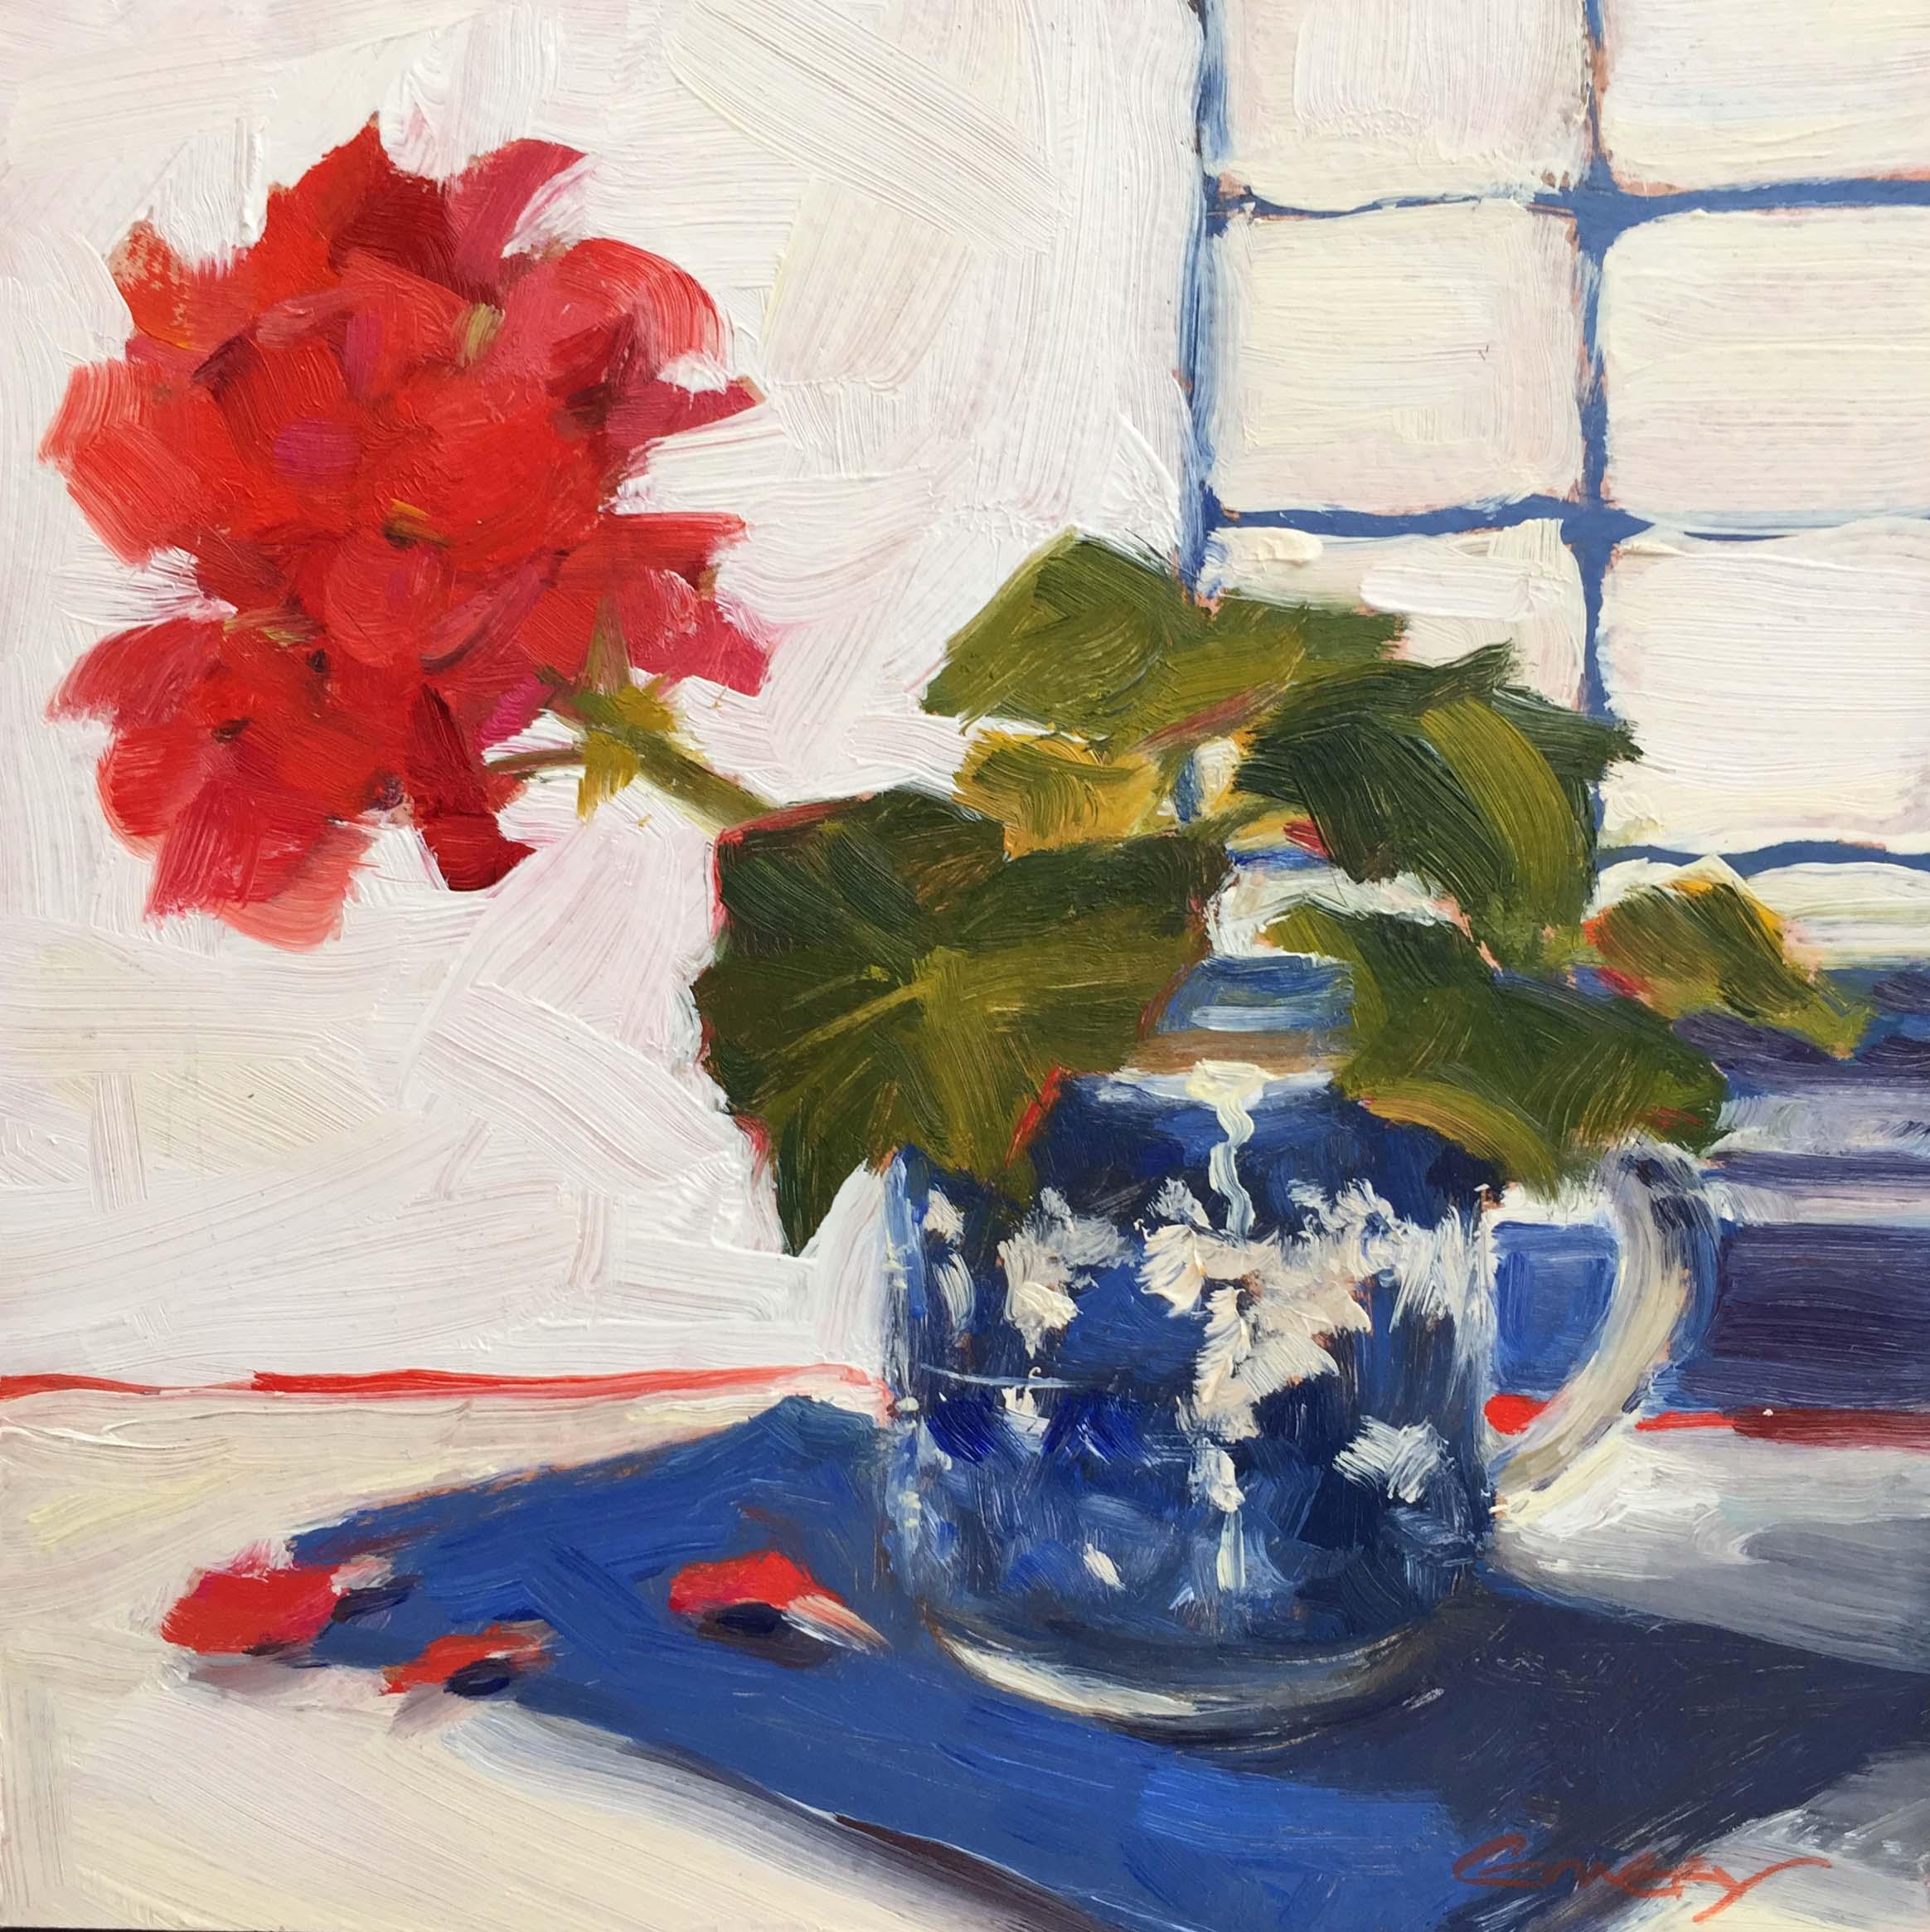 Red Geranium in Cup